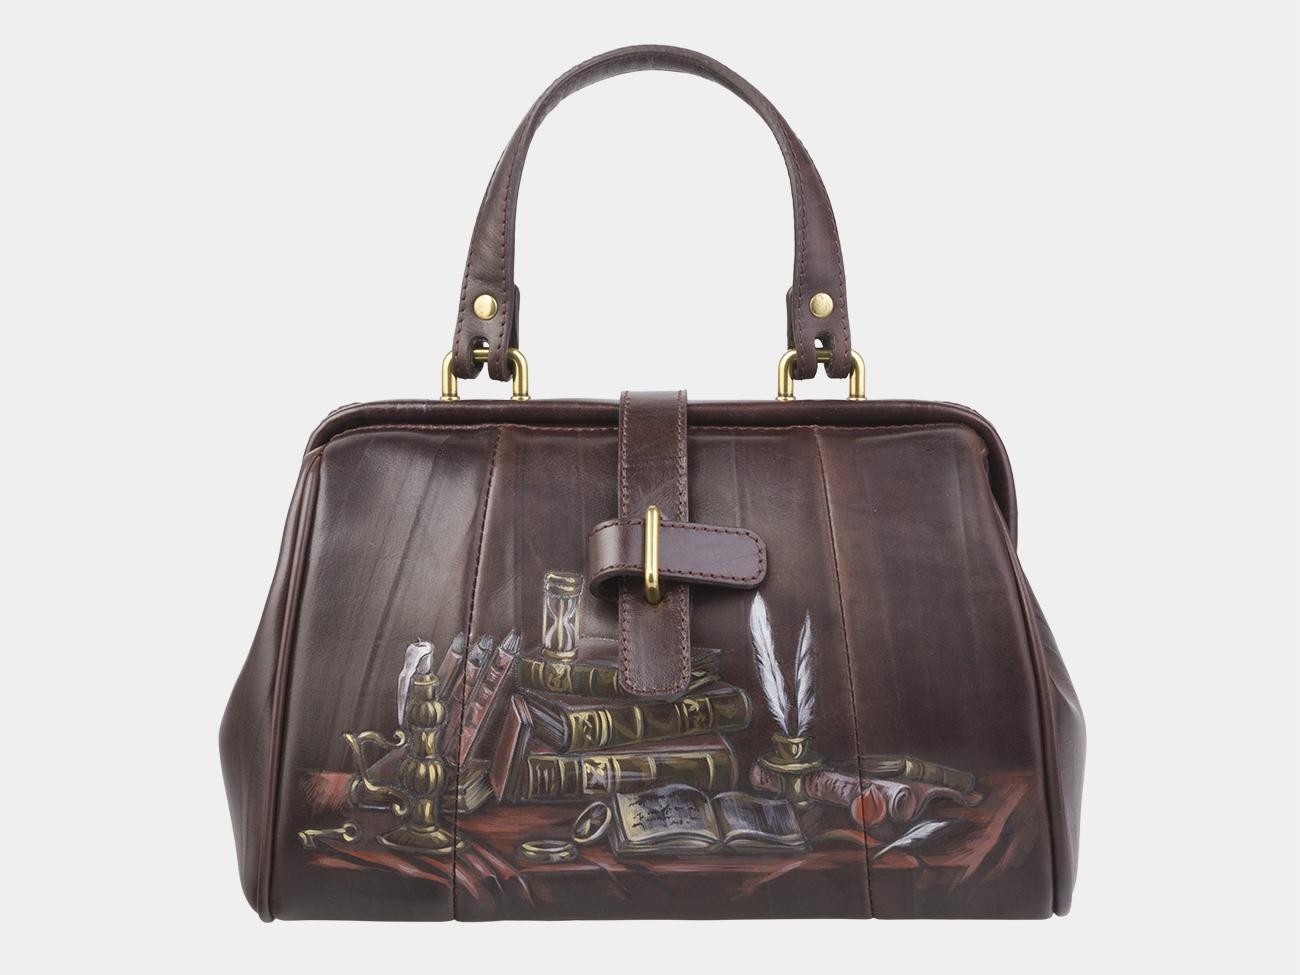 f3eae80cd Сумка Иль де франс «Вдохновение» | Интернет-магазин кожаных сумок и ...